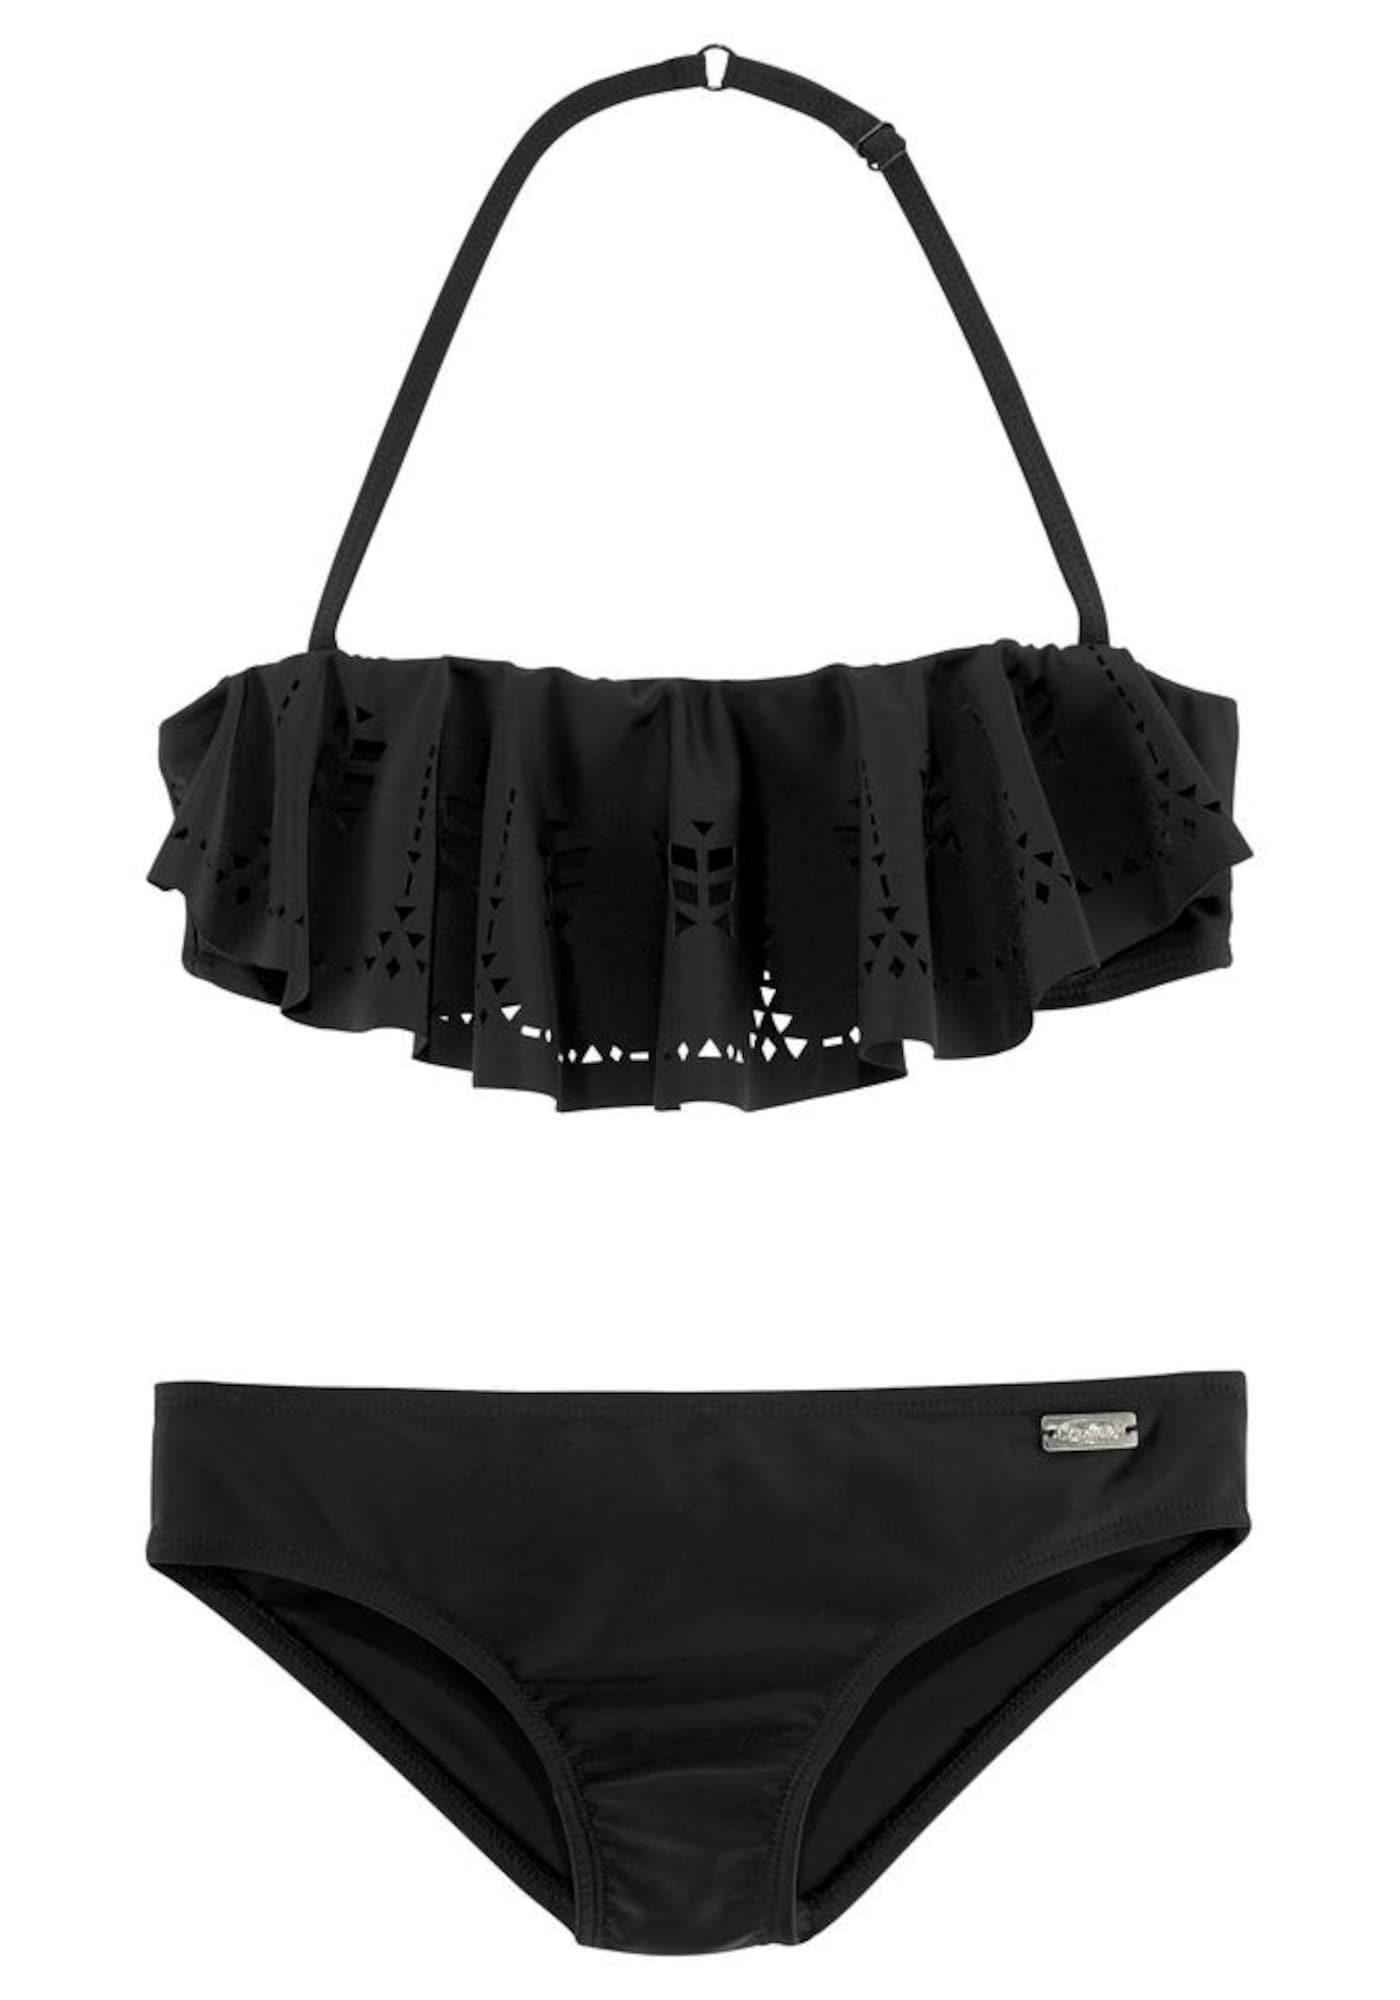 BUFFALO Bikinis 'Split Buf' juoda